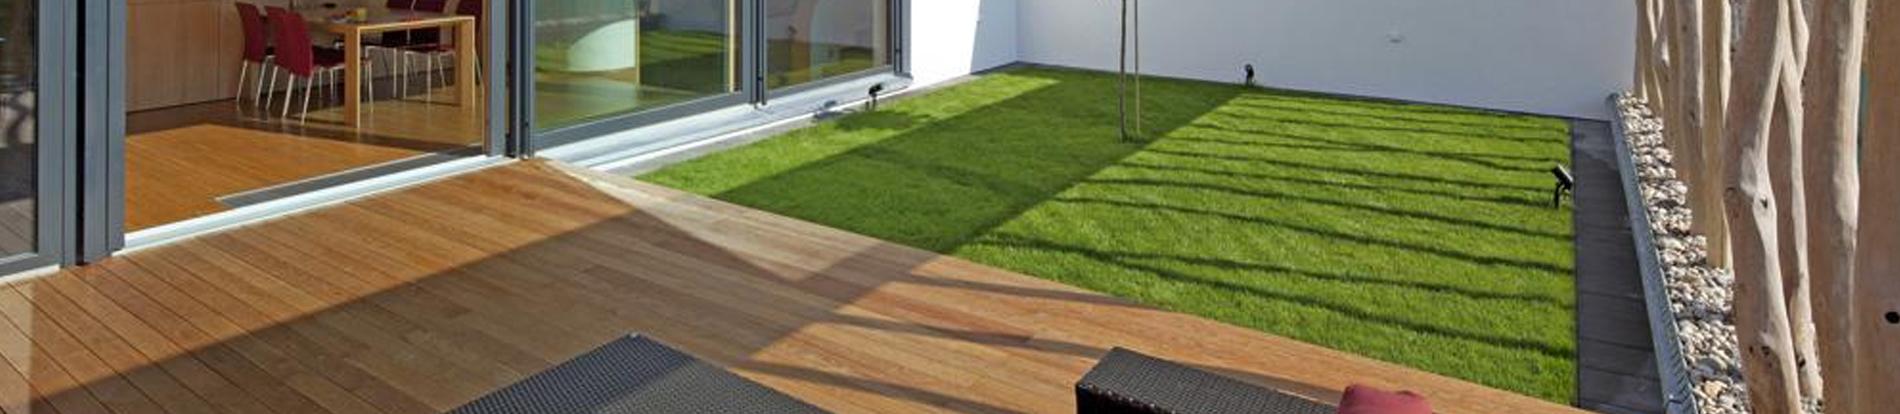 Giardini Interni Idee Casa Green : Prato sintetico per interni ed esterni verdeblu giardini